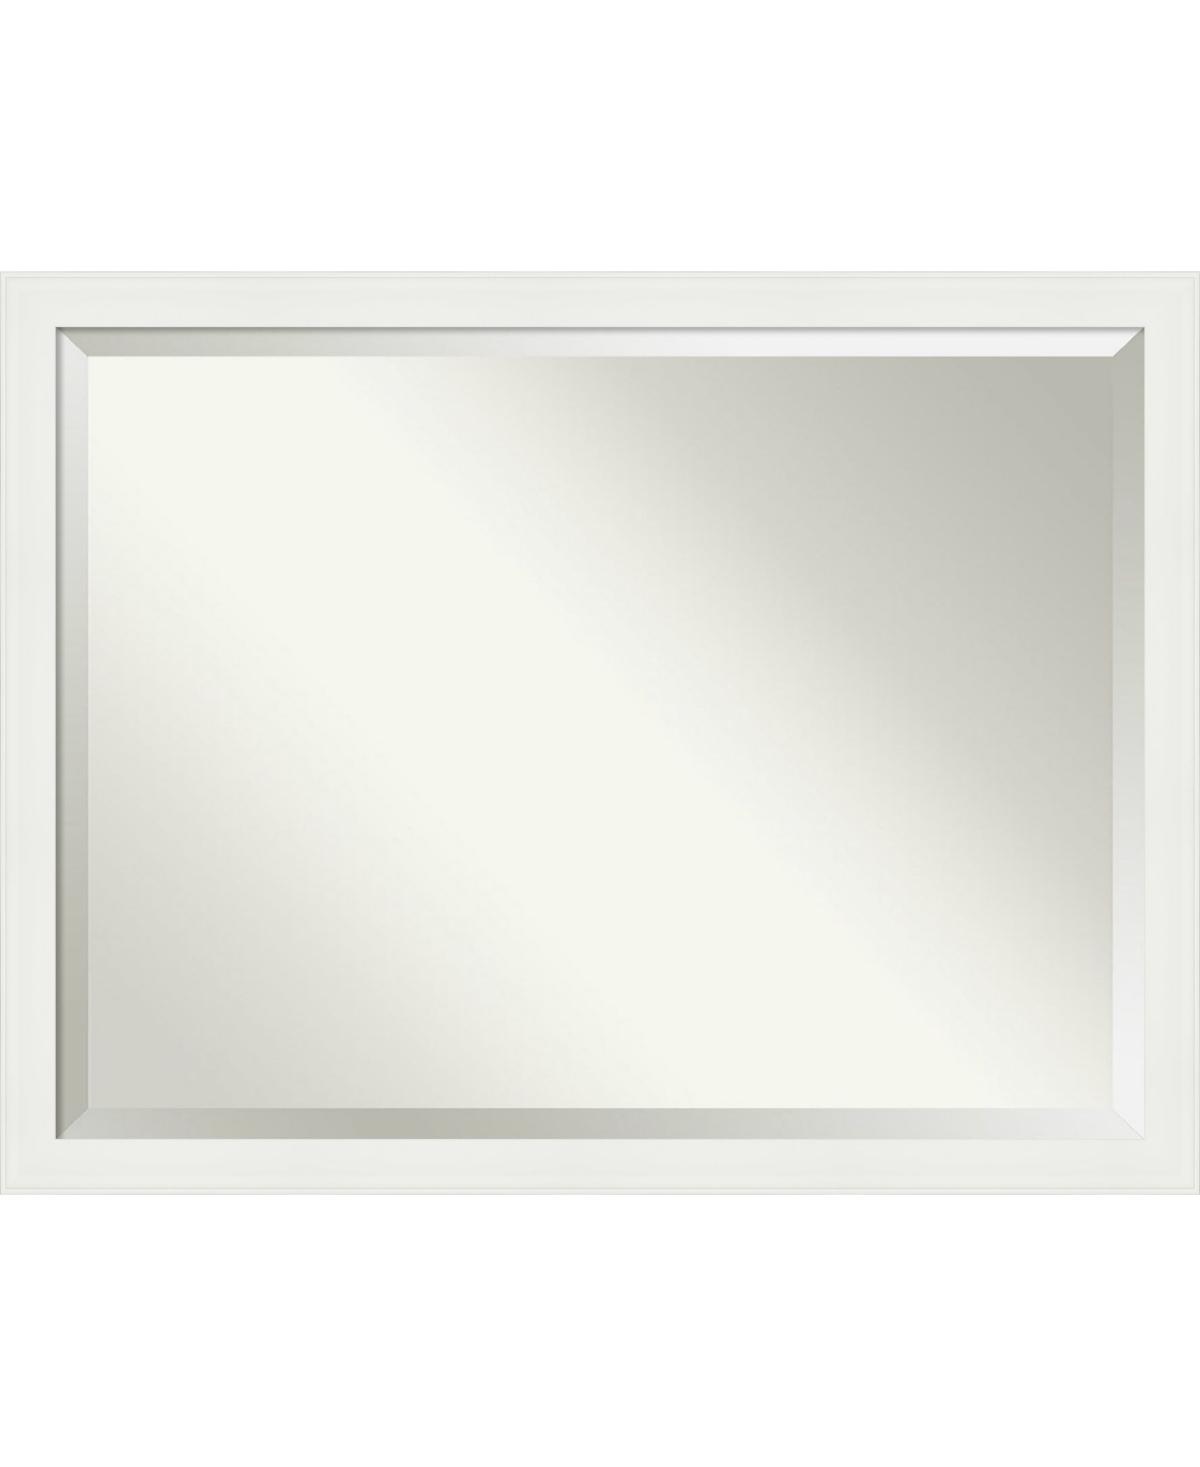 Amanti Art Vanity Framed Bathroom Vanity Wall Mirror, 43.38